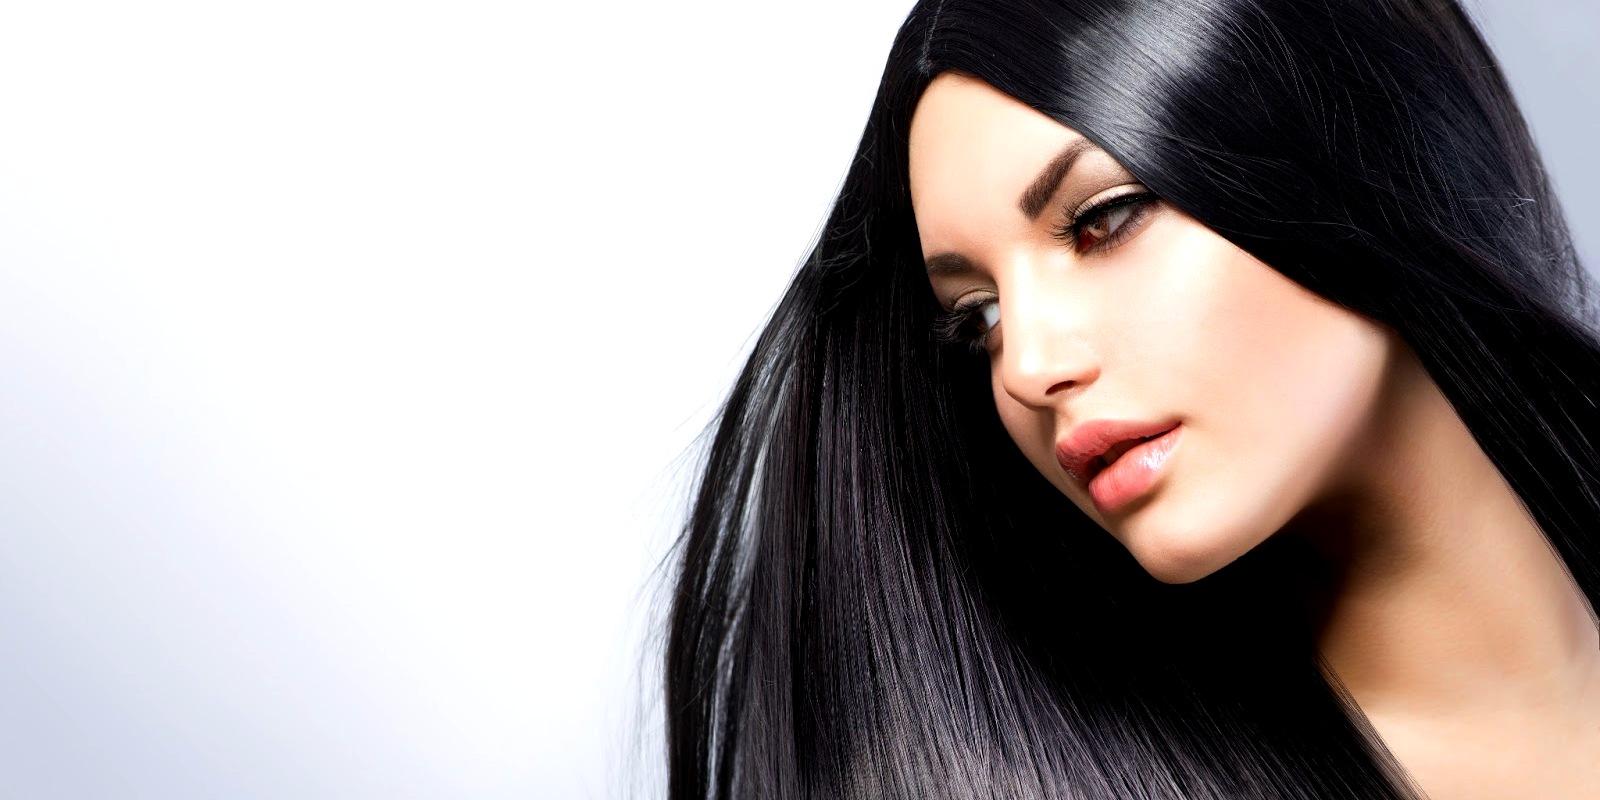 кофе для волос - Масло кофе для волос - секрет здоровья и сияния!